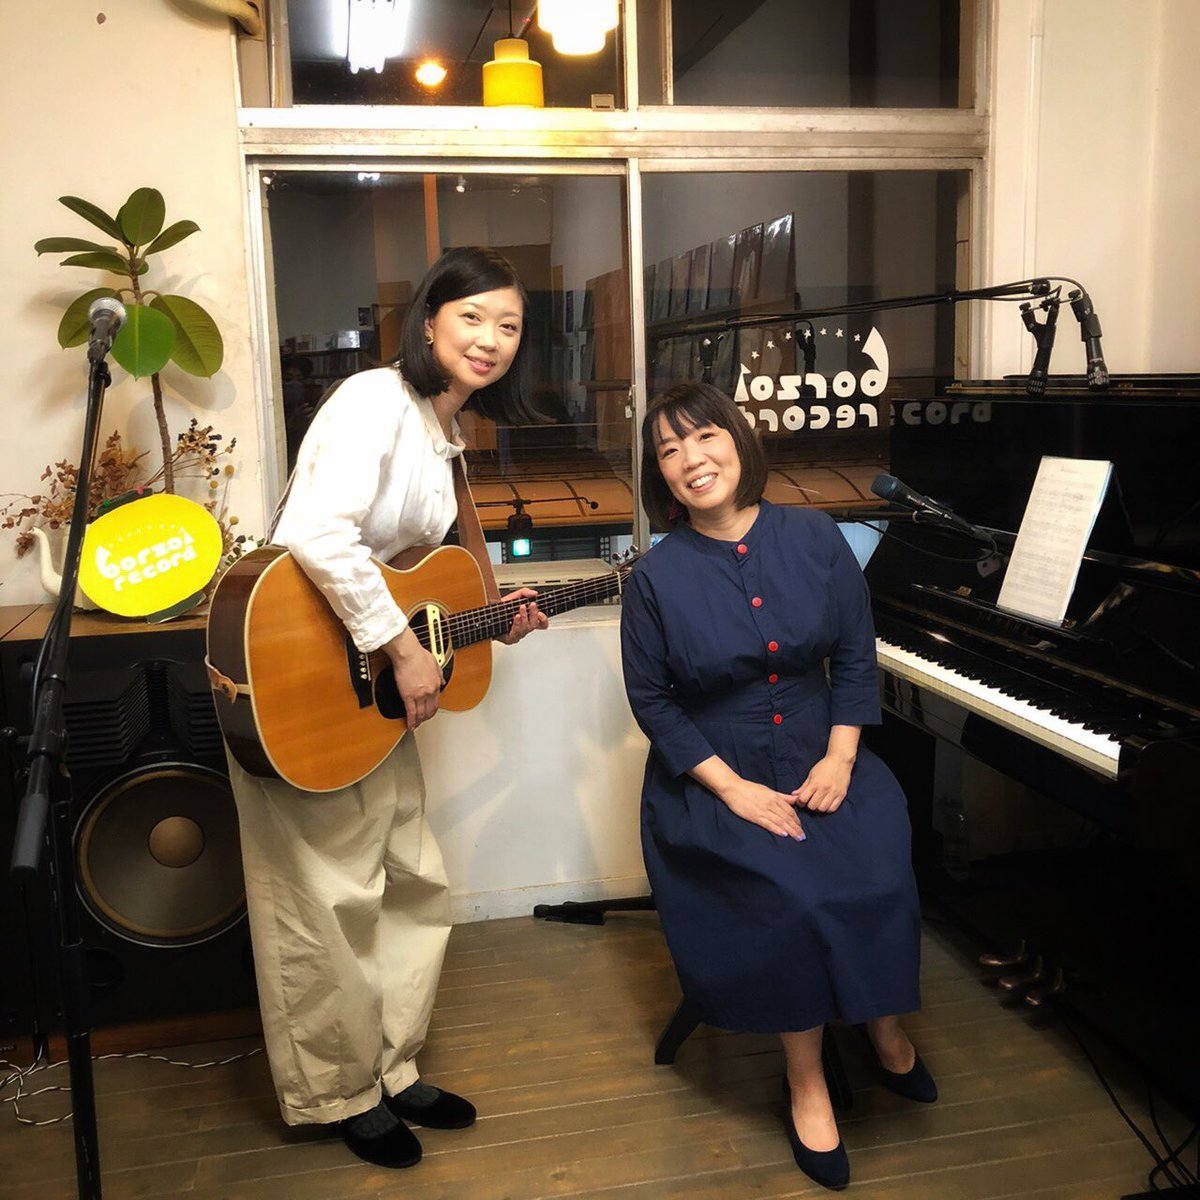 ボルゾイレコードでの浜田真理子さんのライブ配信にゲスト出演させていただきました。収録後に浜田真理子さんと。配信日は、11/22(日)20:00〜です。投げ銭もぜひお待ちしています♪